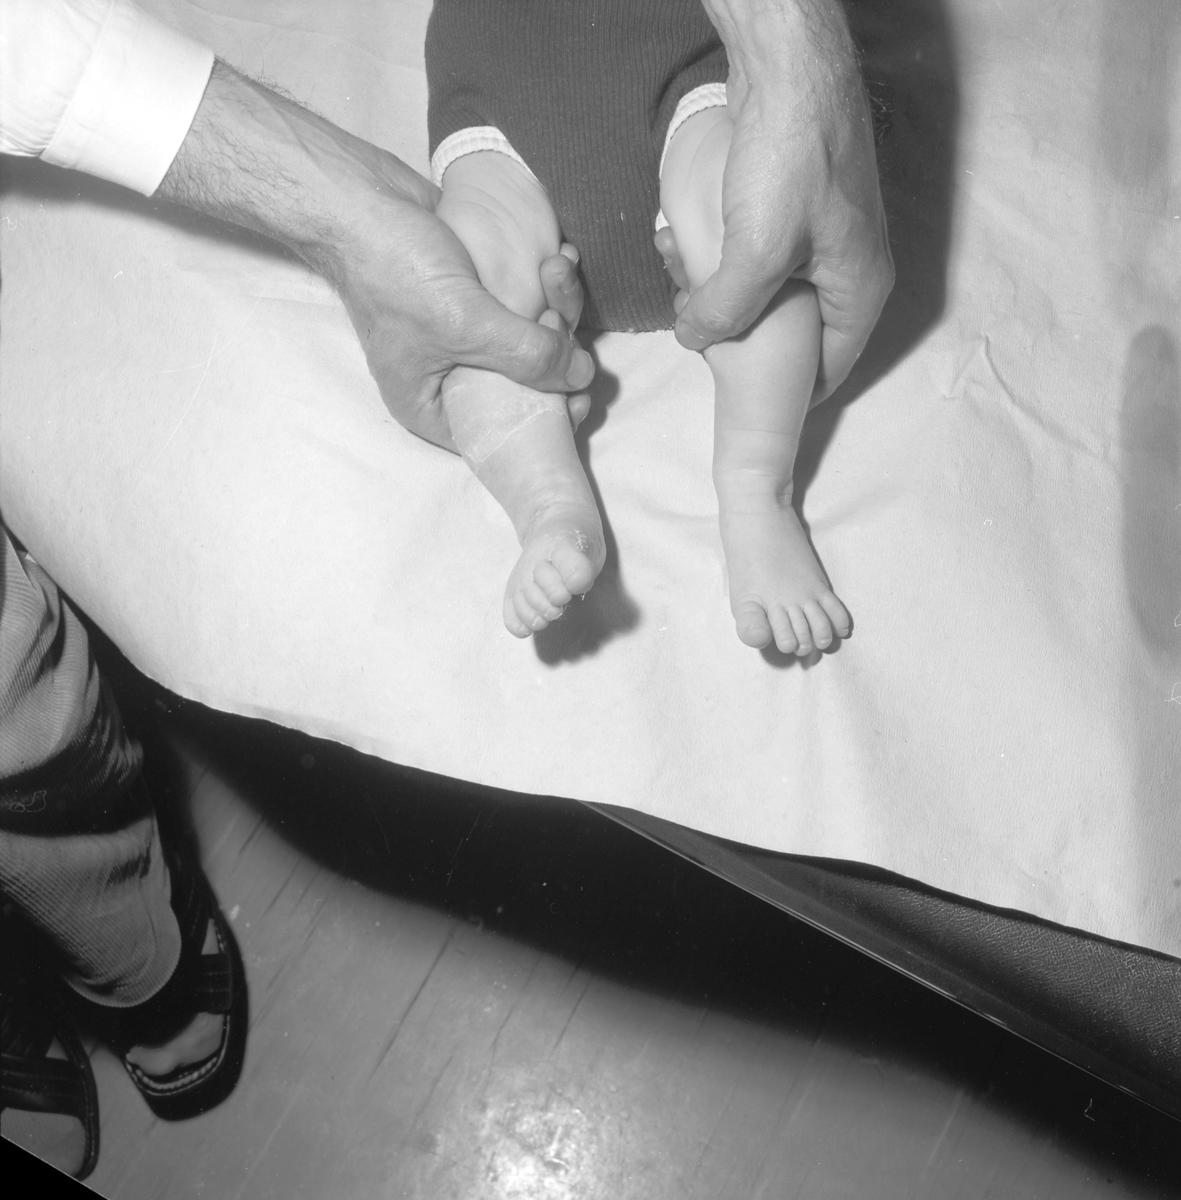 Gävle Lasarett, ortopeden. Den 11 juni 1973